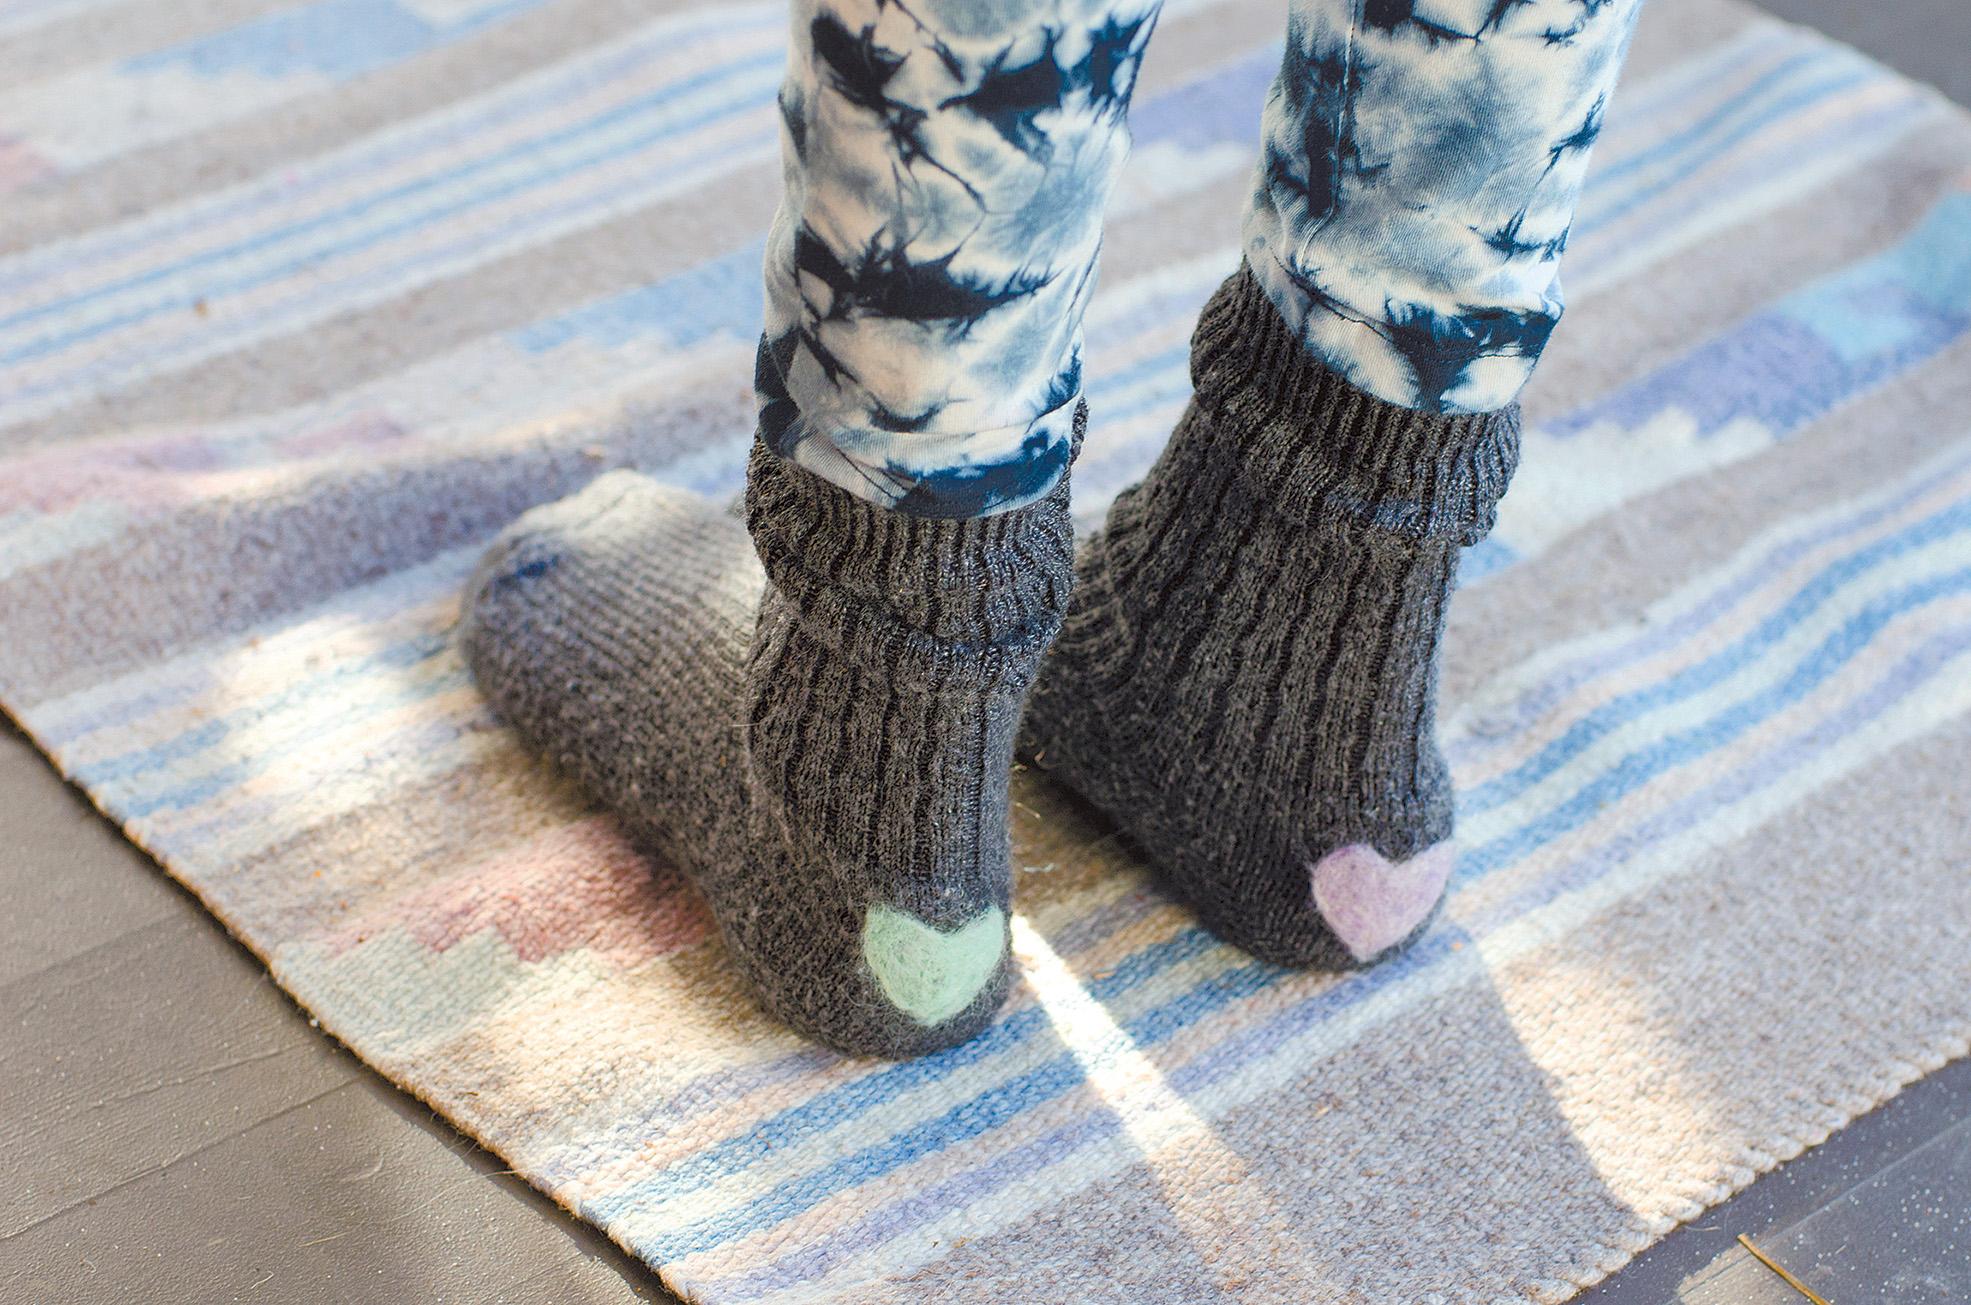 Mended socks